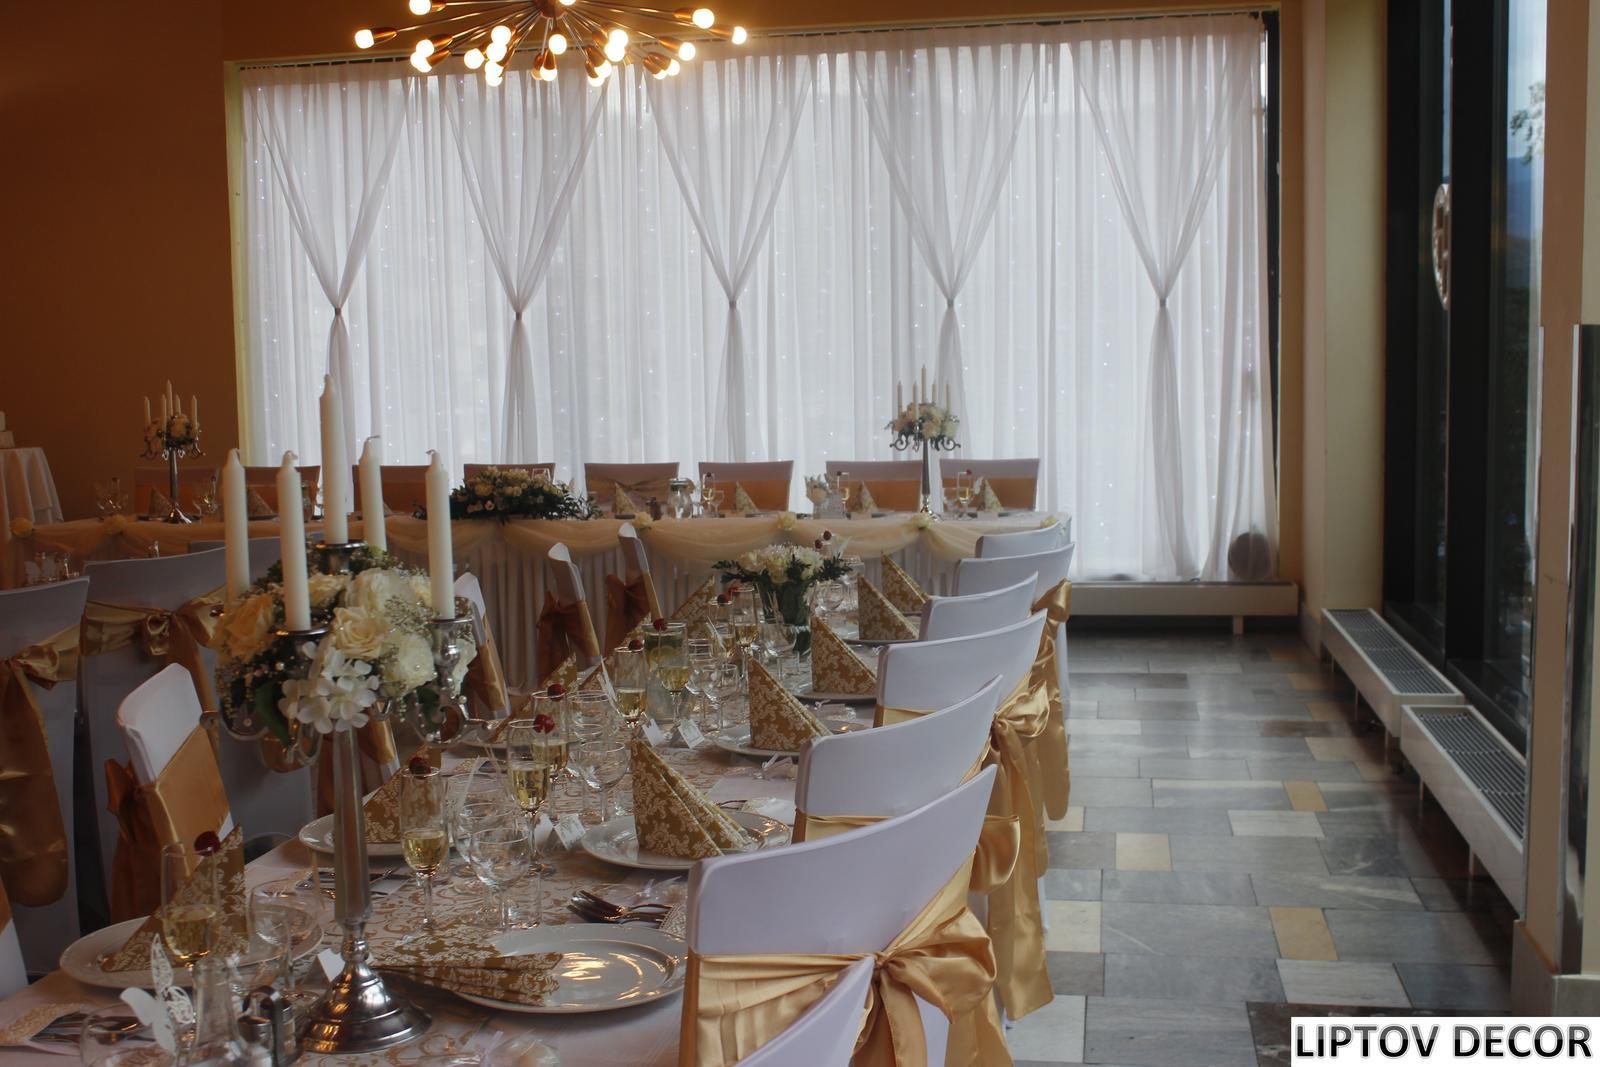 Svadobná výzdoba - HOTEL HRABOVO RUŽOMBEROK - Obrázok č. 11